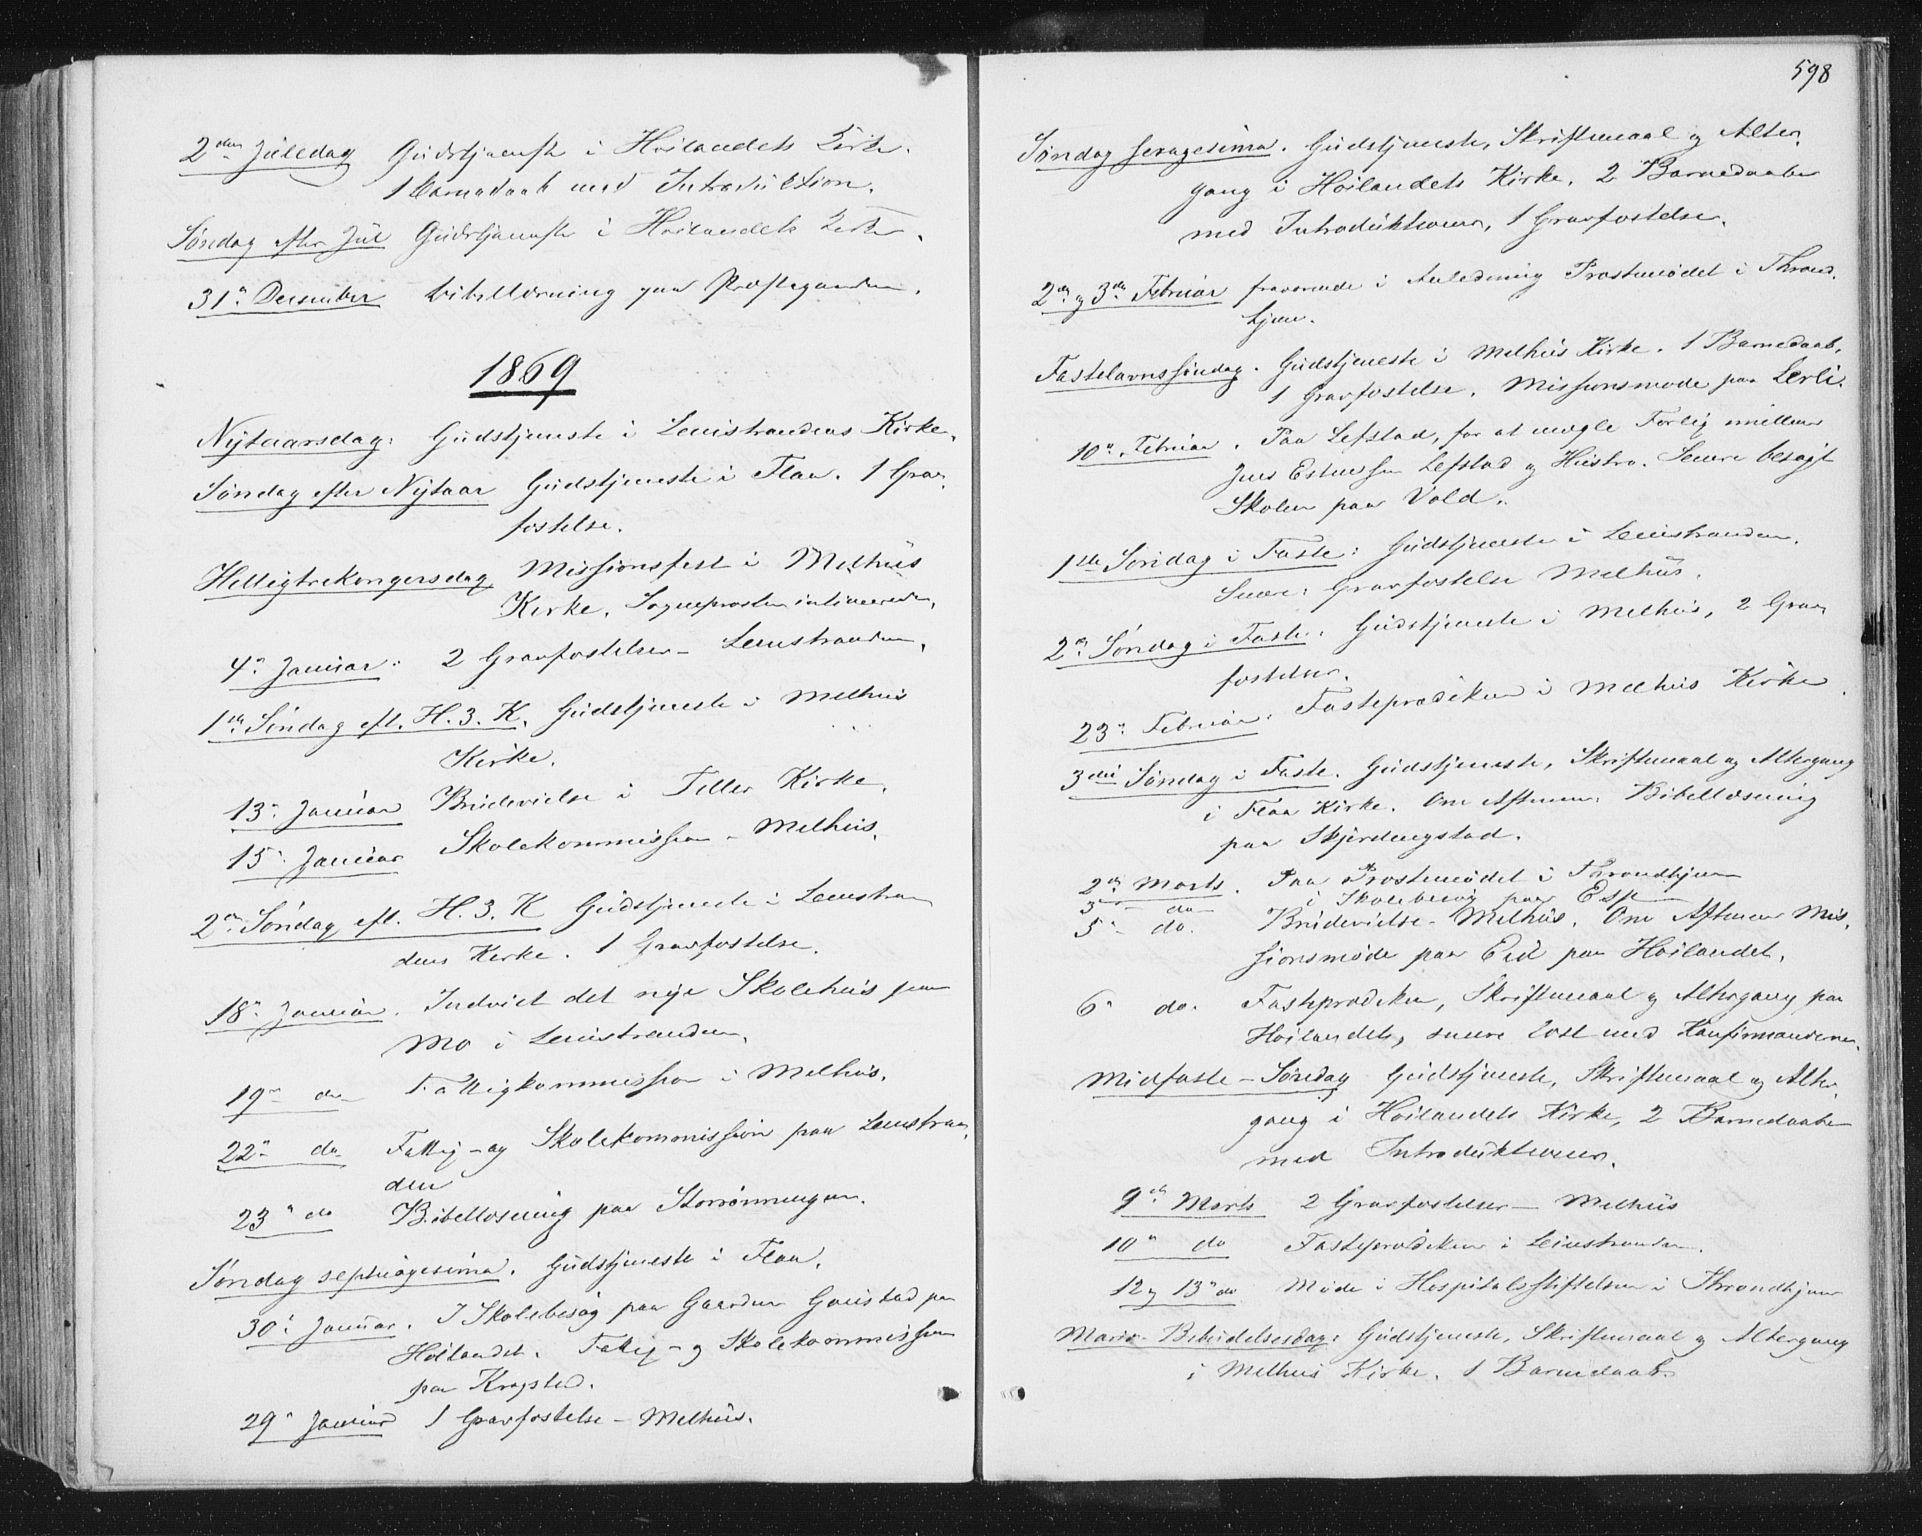 SAT, Ministerialprotokoller, klokkerbøker og fødselsregistre - Sør-Trøndelag, 691/L1077: Ministerialbok nr. 691A09, 1862-1873, s. 598